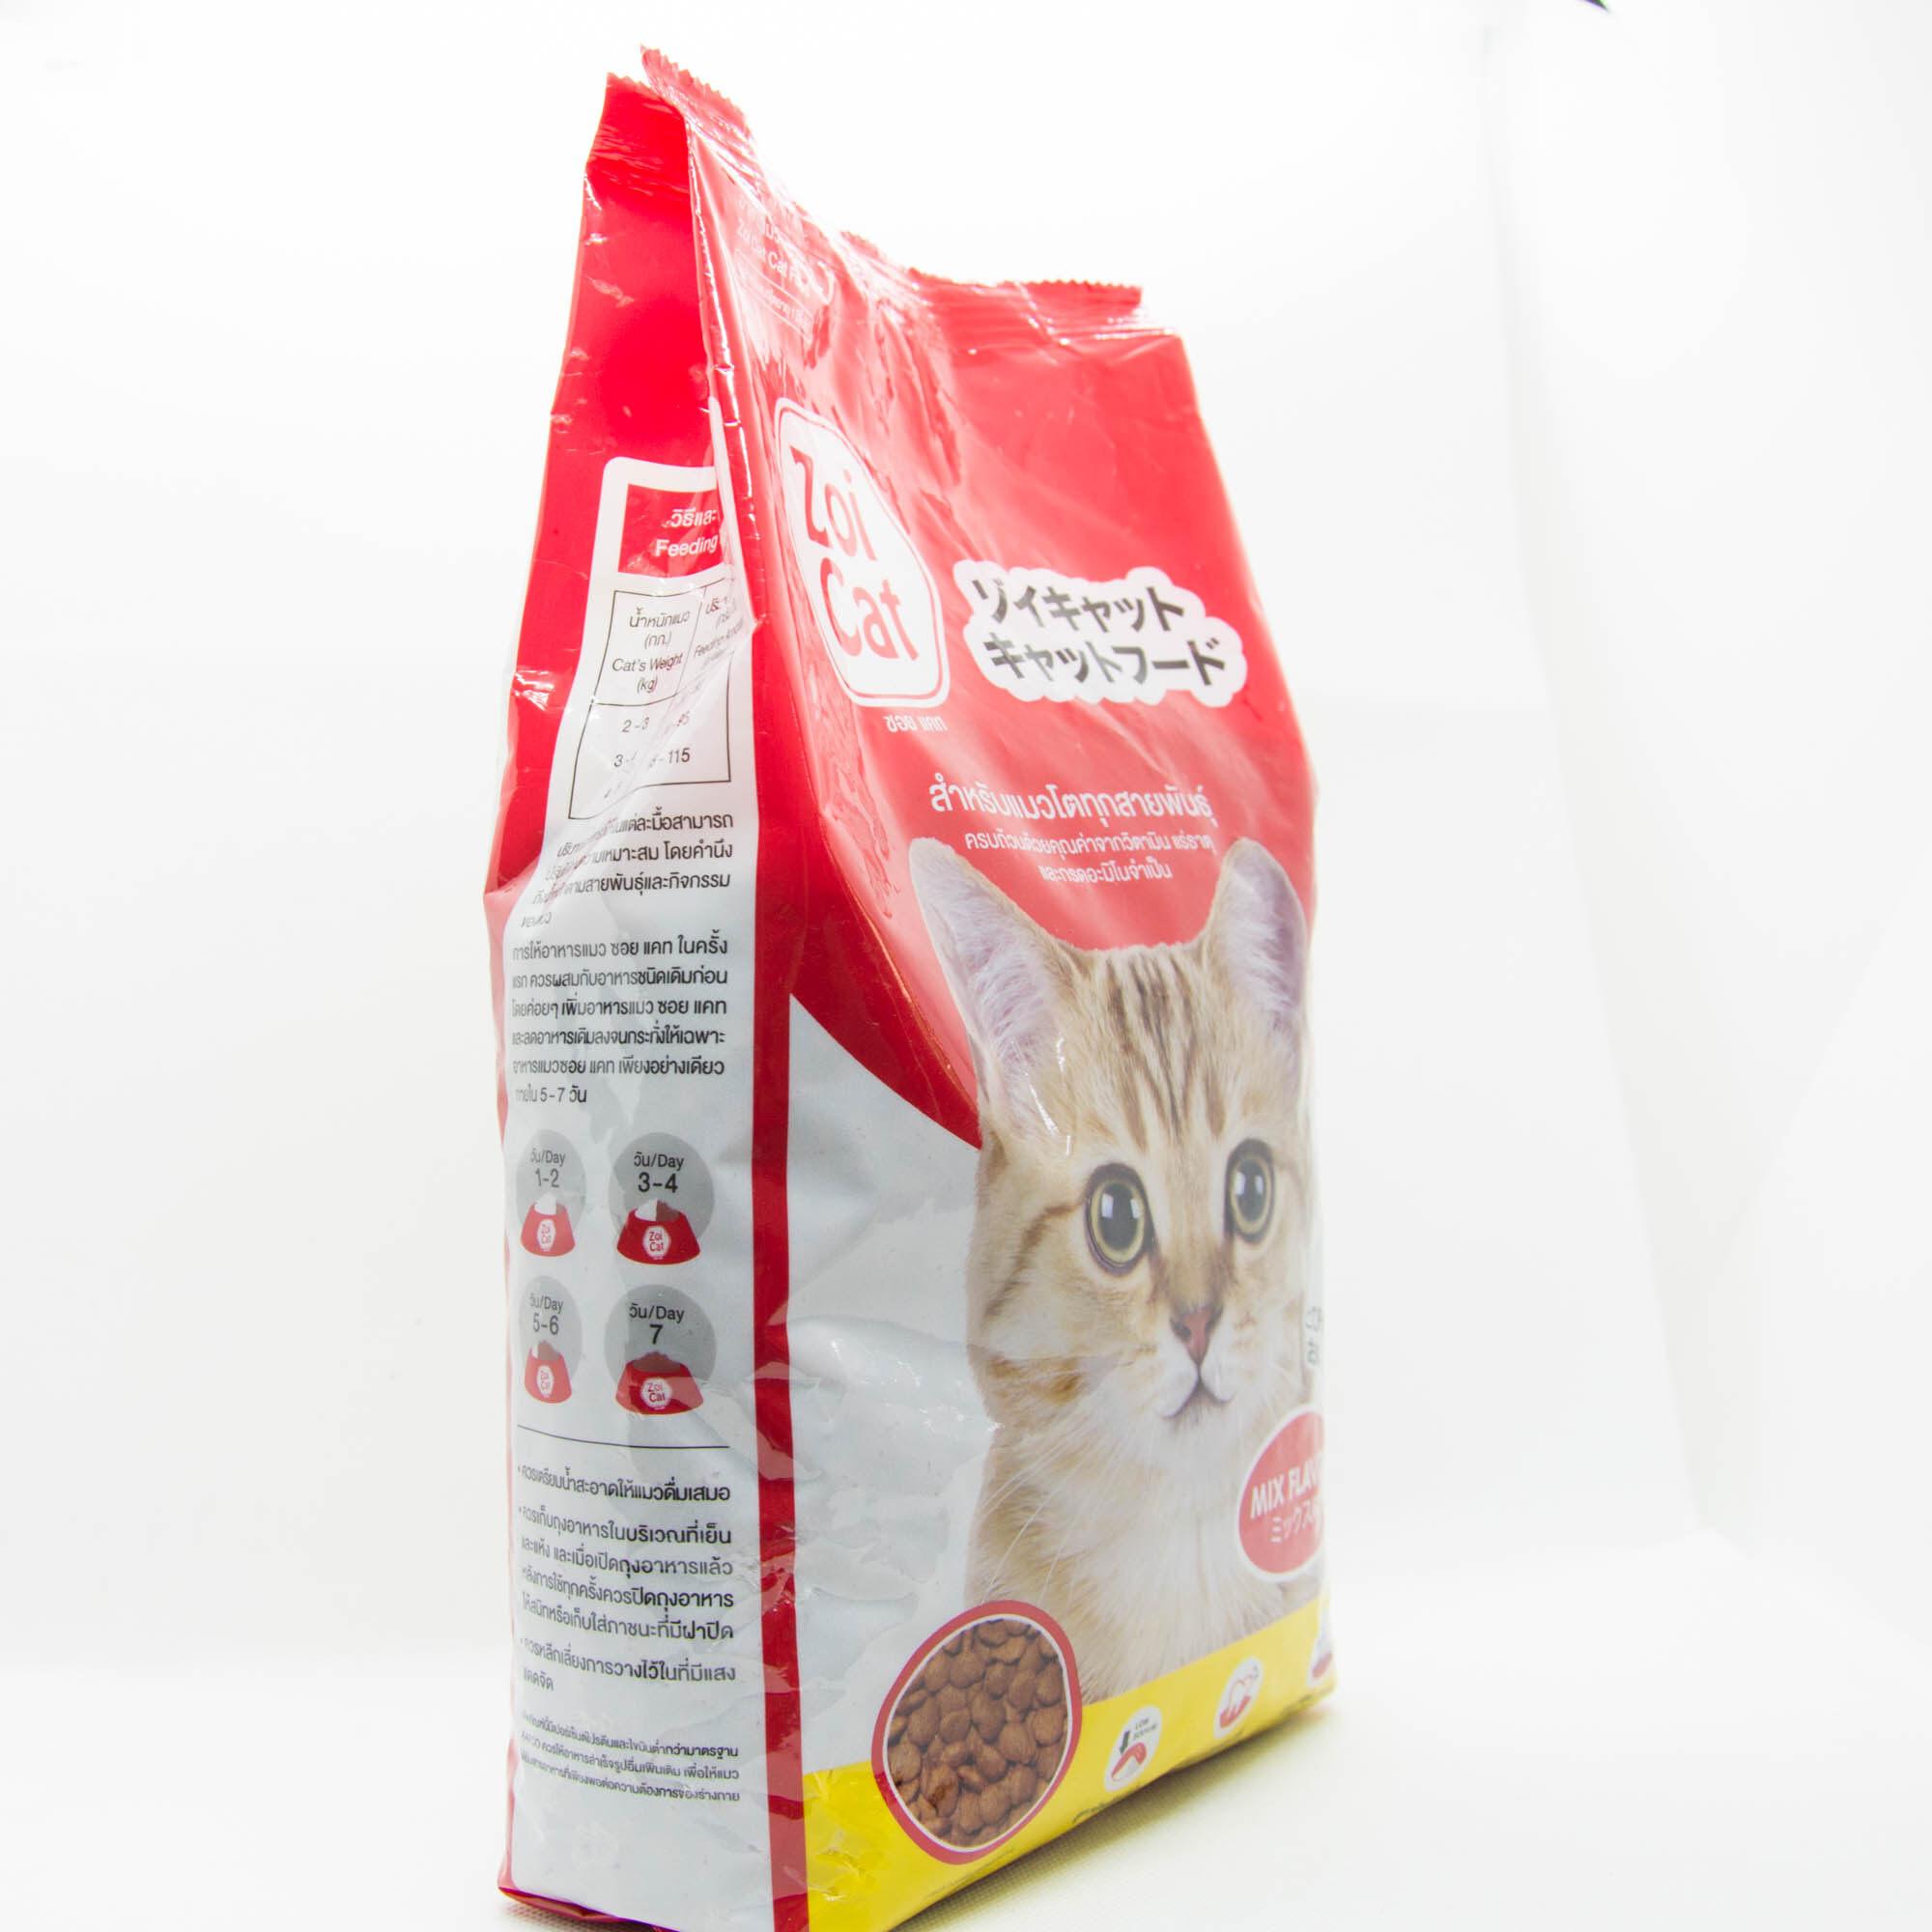 ซอยแคท อาหารแมว Zoi Cat รสยอดนิยม ขนาด 1 กิโลกรัม สำหรับ แมว แมวโตทุกสายพันธุ์.